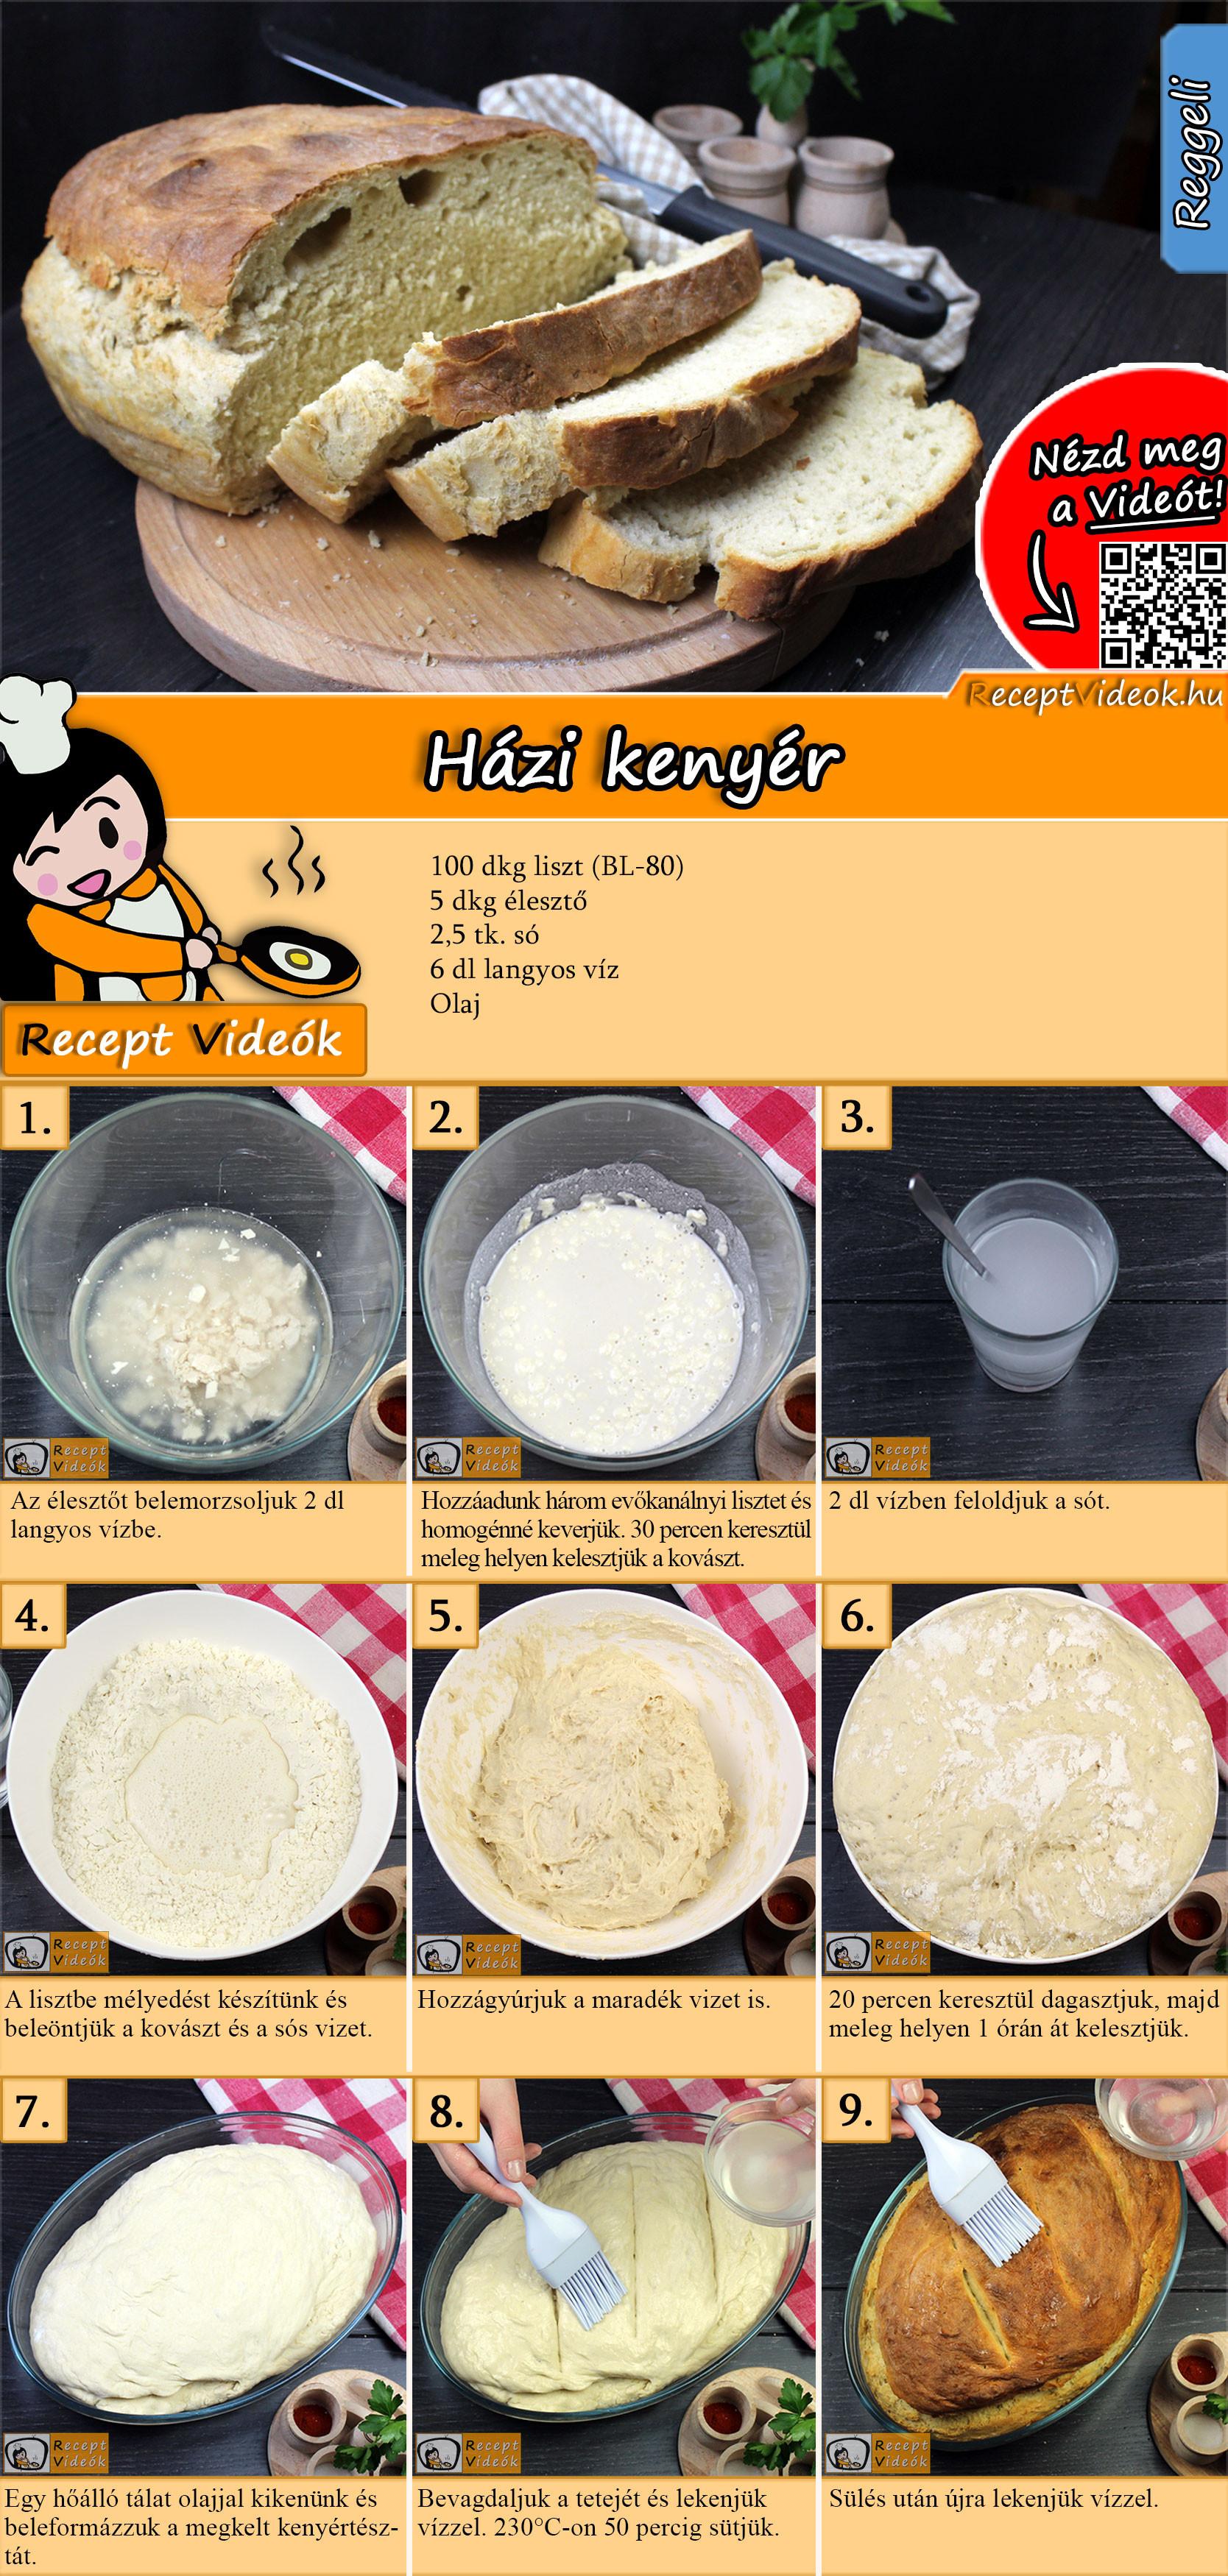 Házi kenyér recept elkészítése videóval